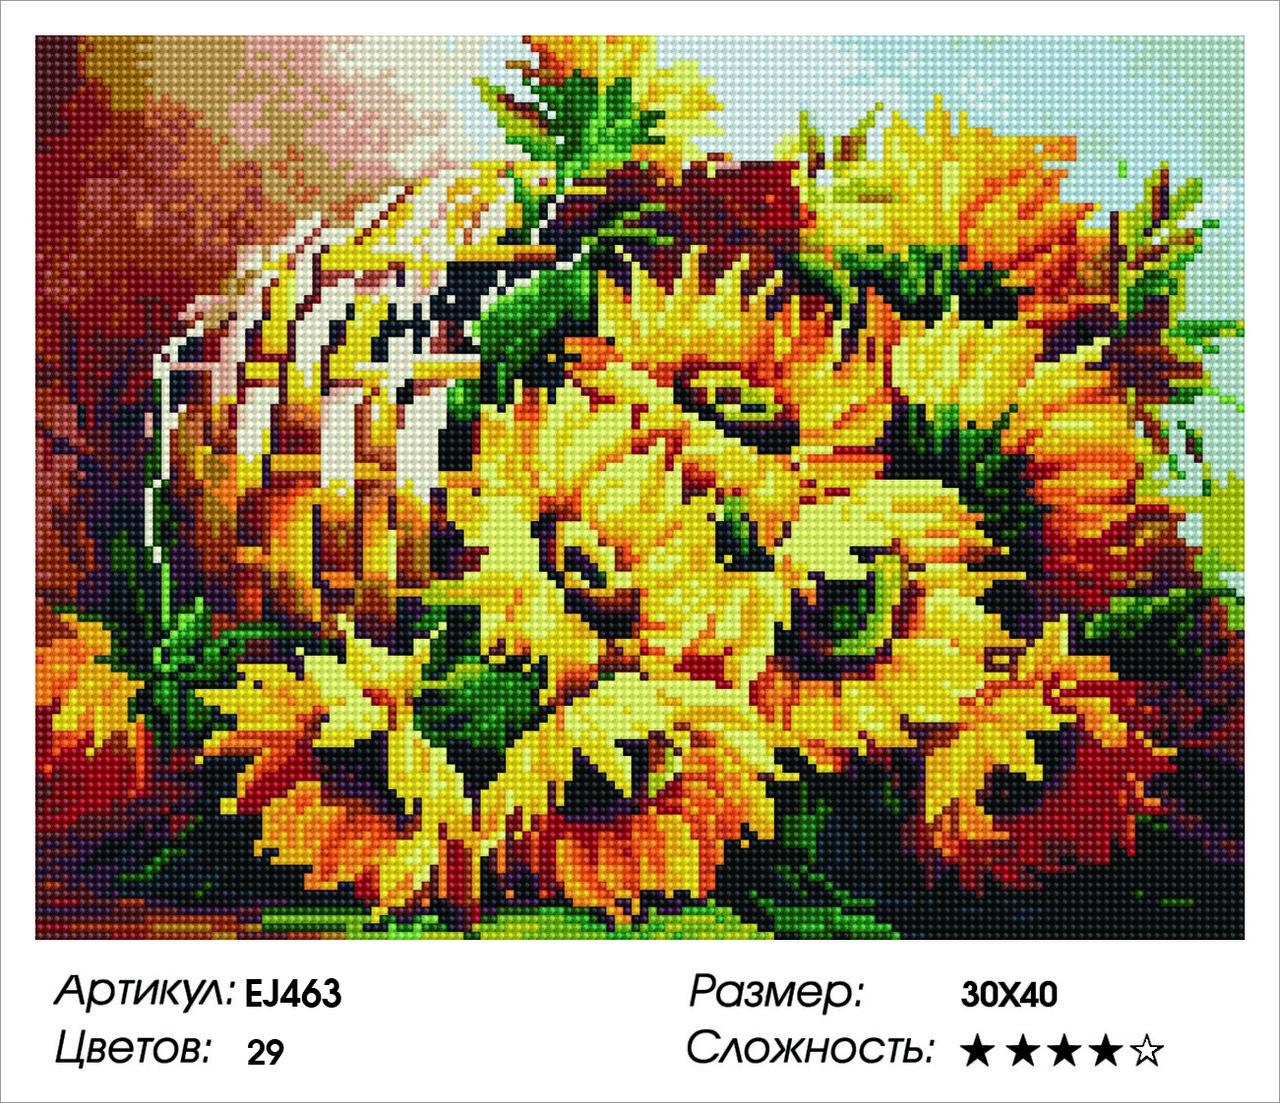 Алмазная живопись 30*40см. EJ463 Корзина подсолнухов Rainbow Art , алмазная мозайка